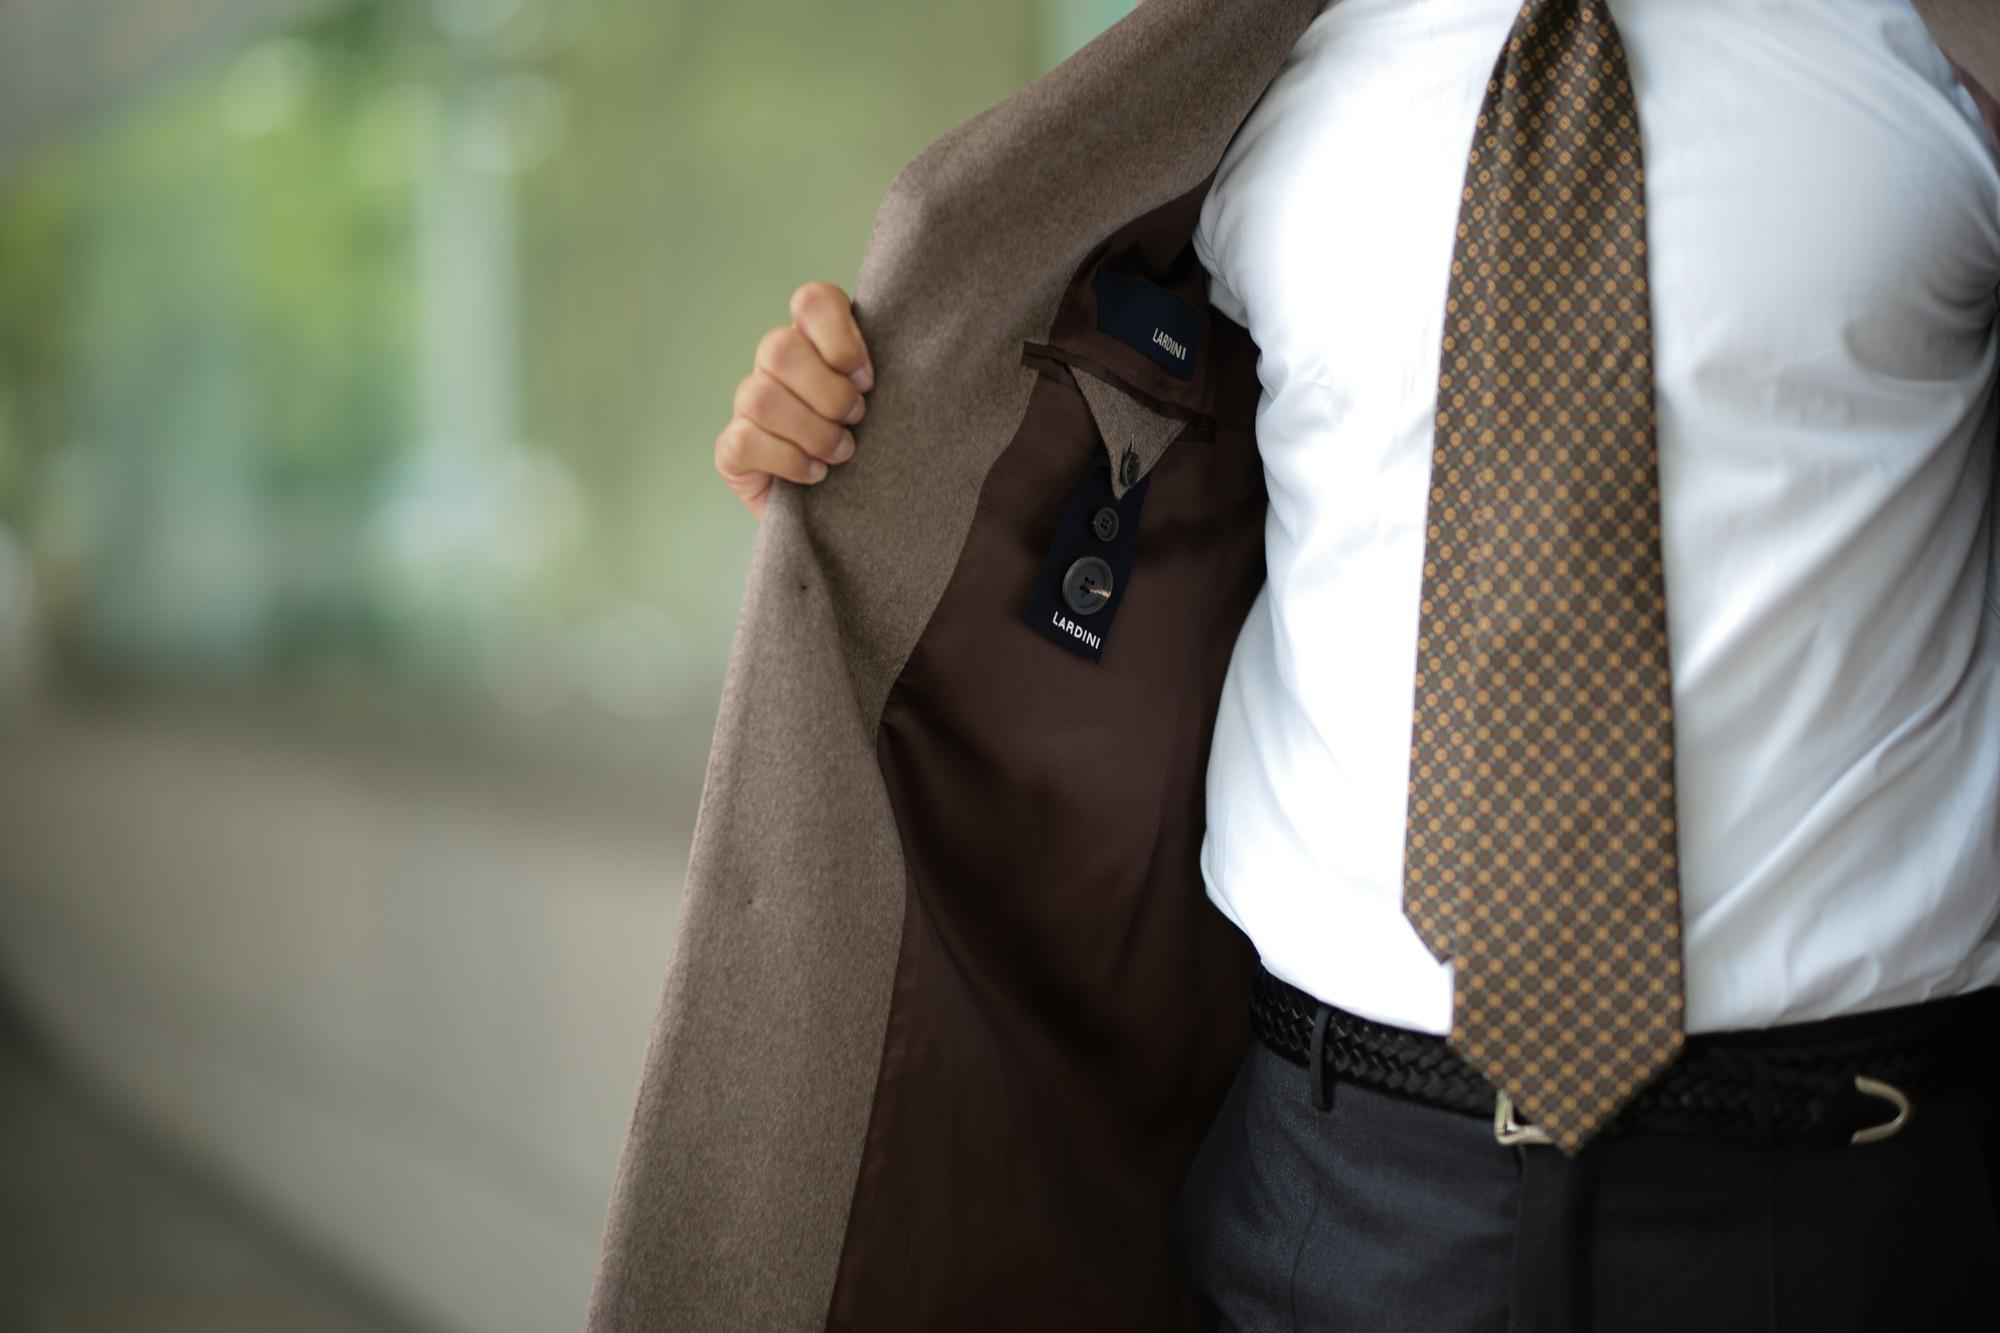 LARDINI (ラルディーニ) Cashmere Spolverino Chester coat (カシミヤ スポルベリーノ チェスターコート) カシミヤフラノ生地 シングル チェスターコート BEIGE (ベージュ・1) Made in italy (イタリア製) 2018 秋冬新作 lardini 愛知 名古屋 Alto e Diritto アルト エ デリット alto e diritto アルトエデリット